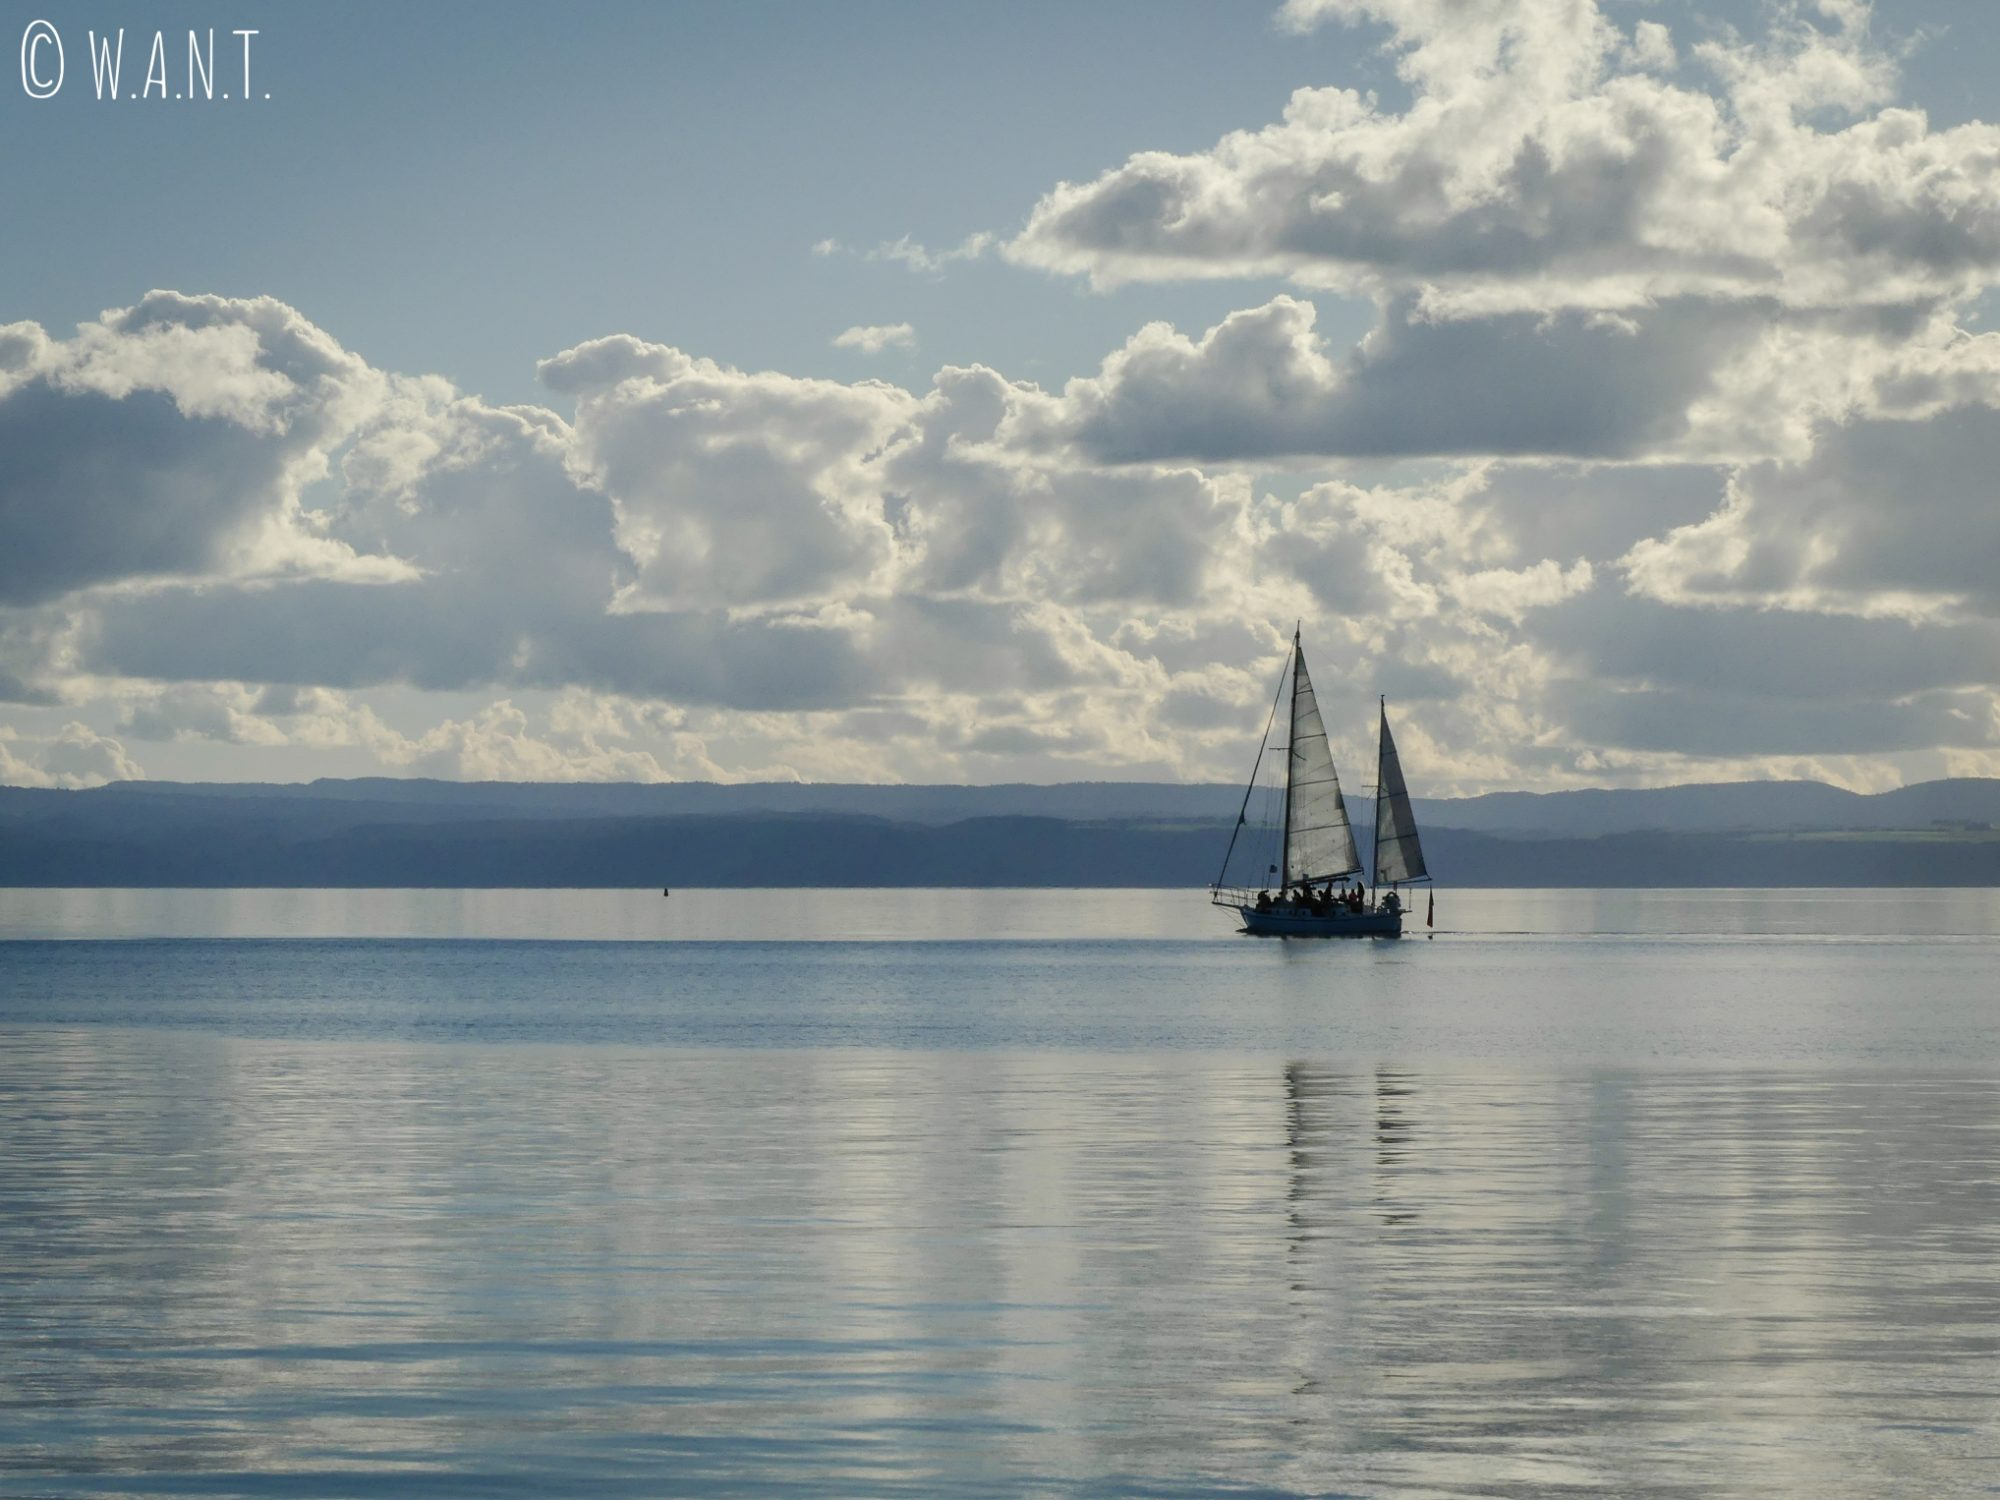 Les compagnies sont nombreuses à proposer des sorties sur le lac Taupo en Nouvelle-Zélande